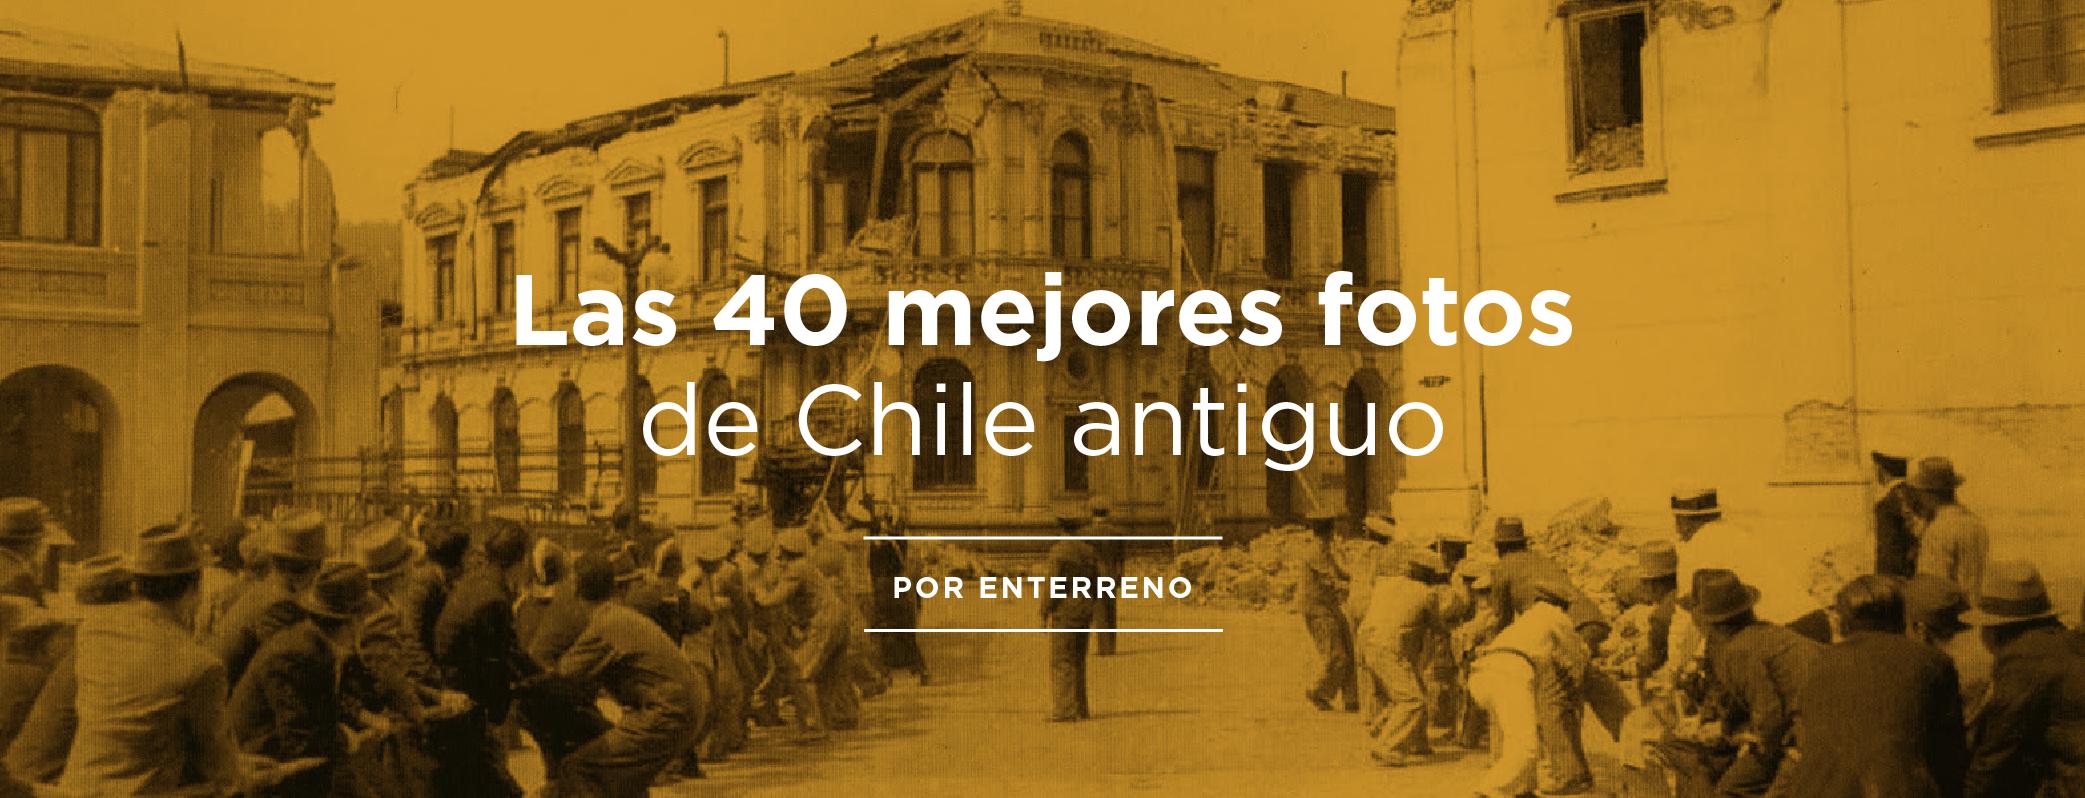 Portada 40 mejores fotos de chile antiguo 01